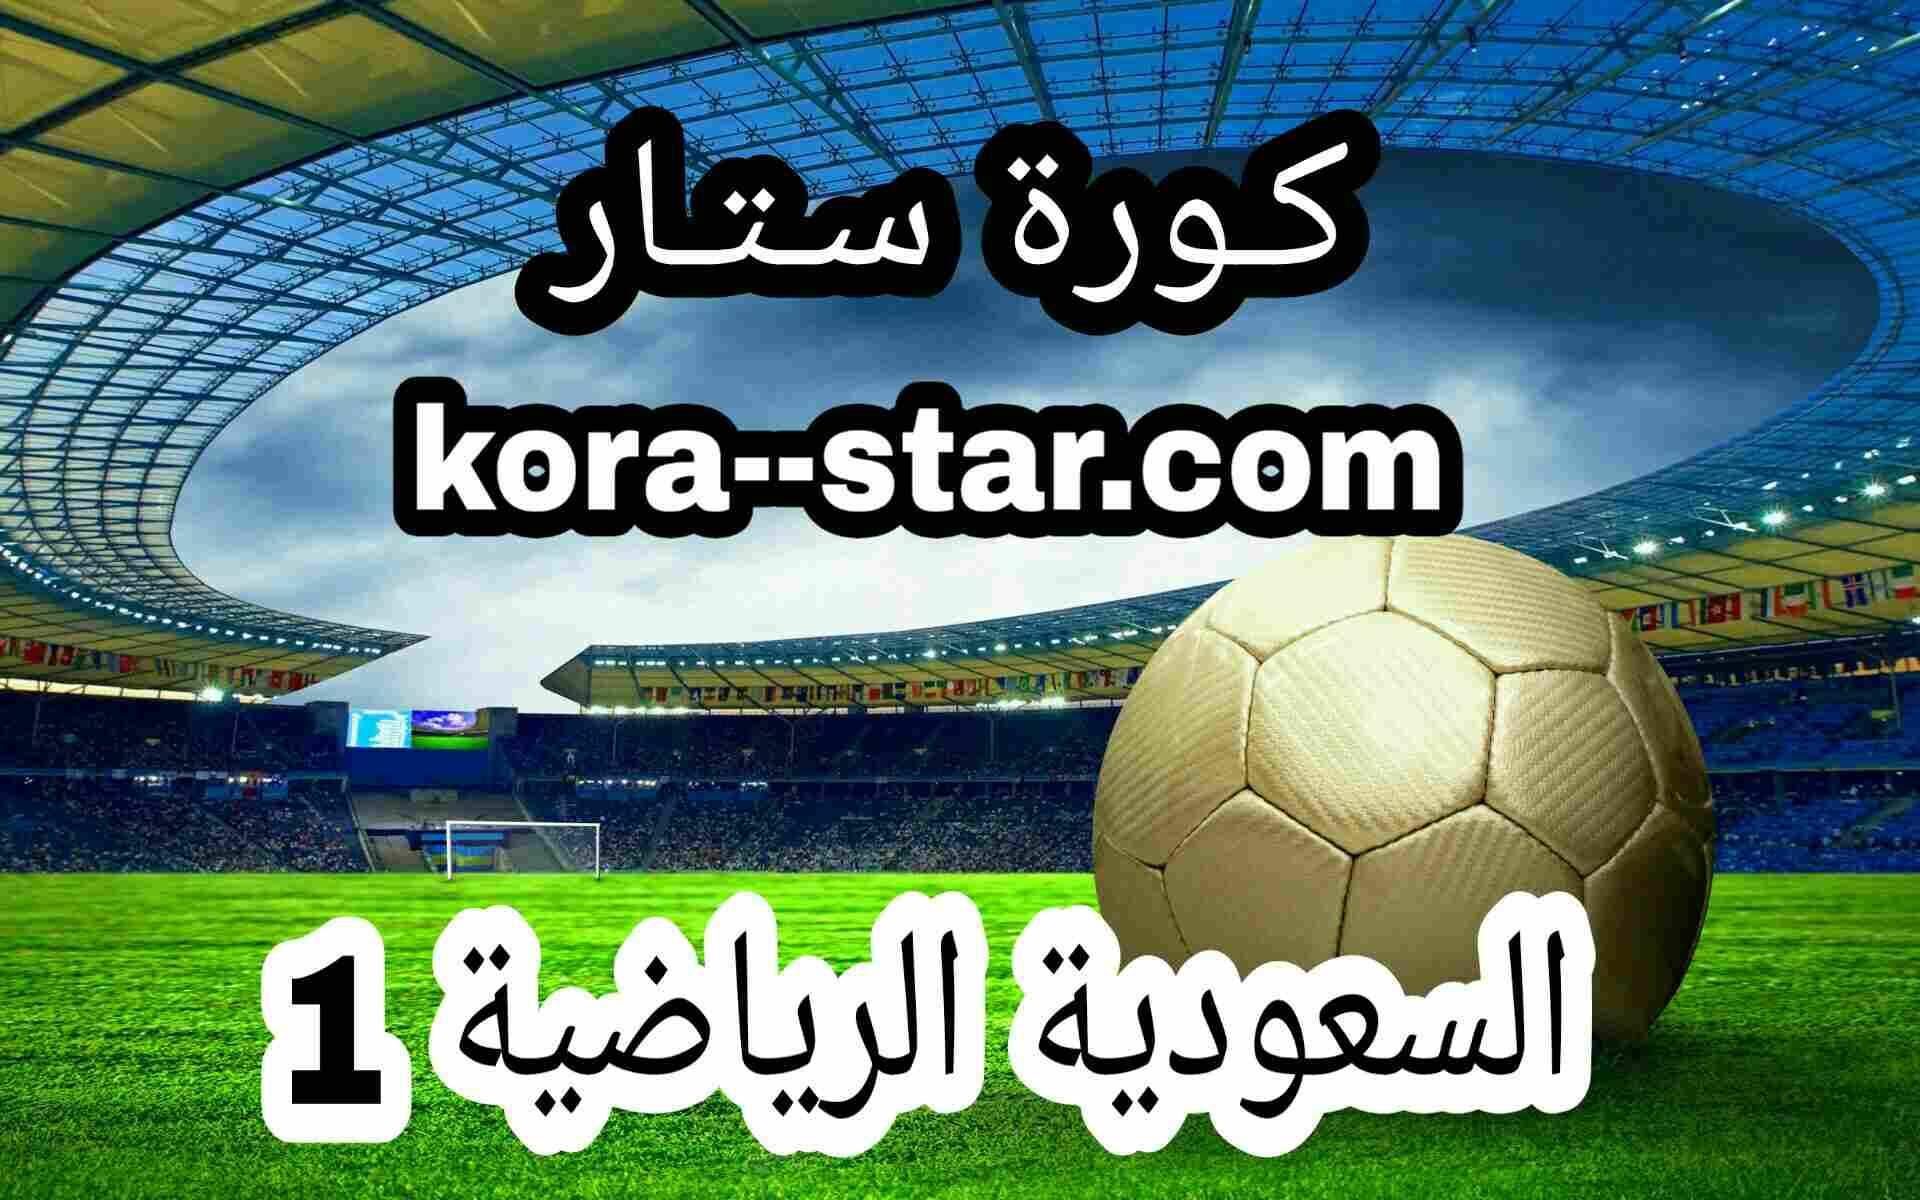 كورة جول مباشر السعودية الرياضية 1 ksasports1 kooora goal